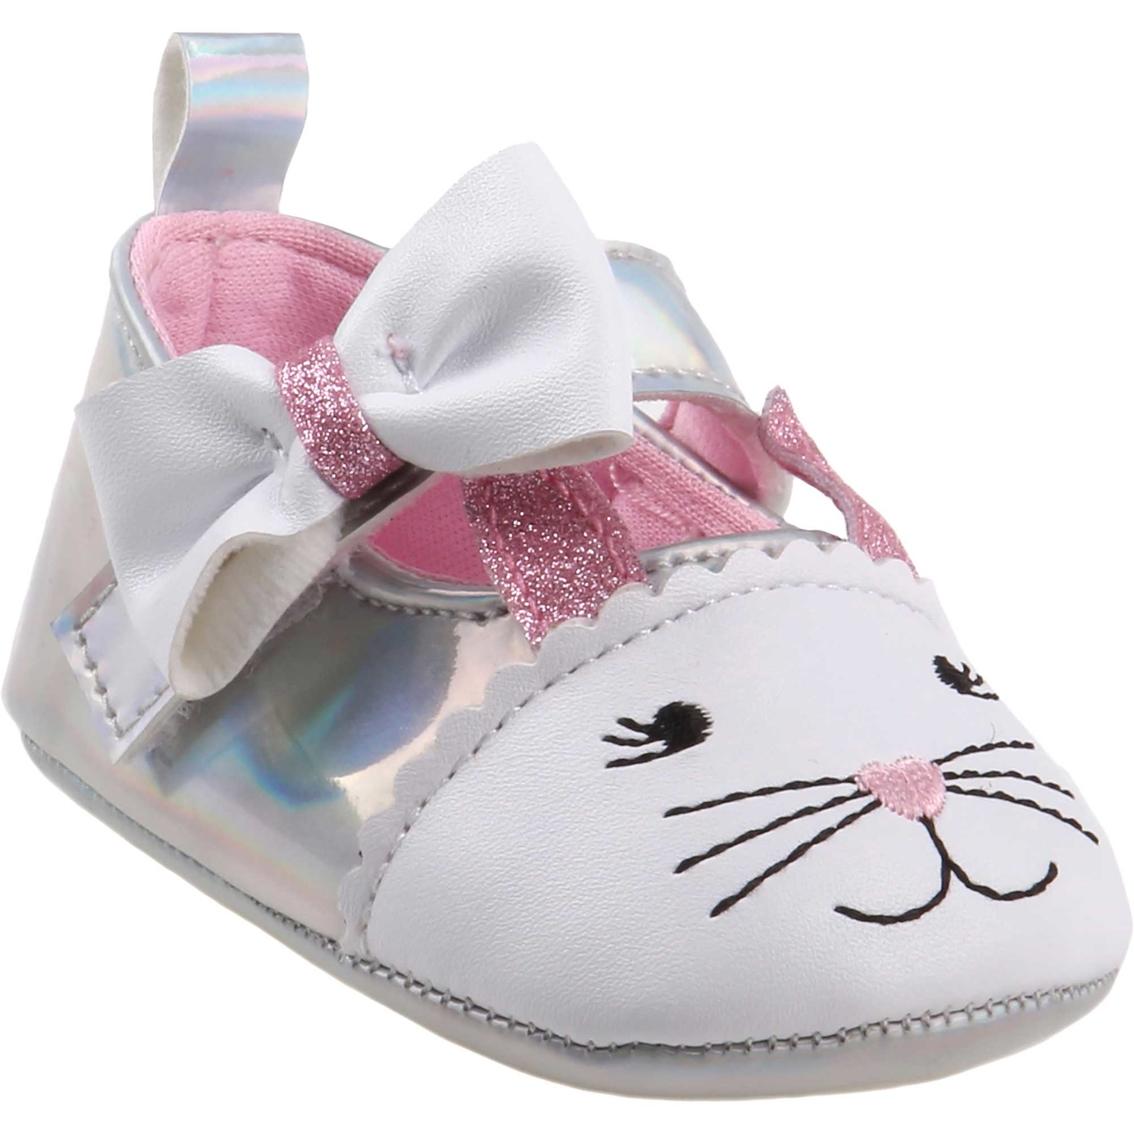 Laura Ashley Infant Girls Kitty Slip On